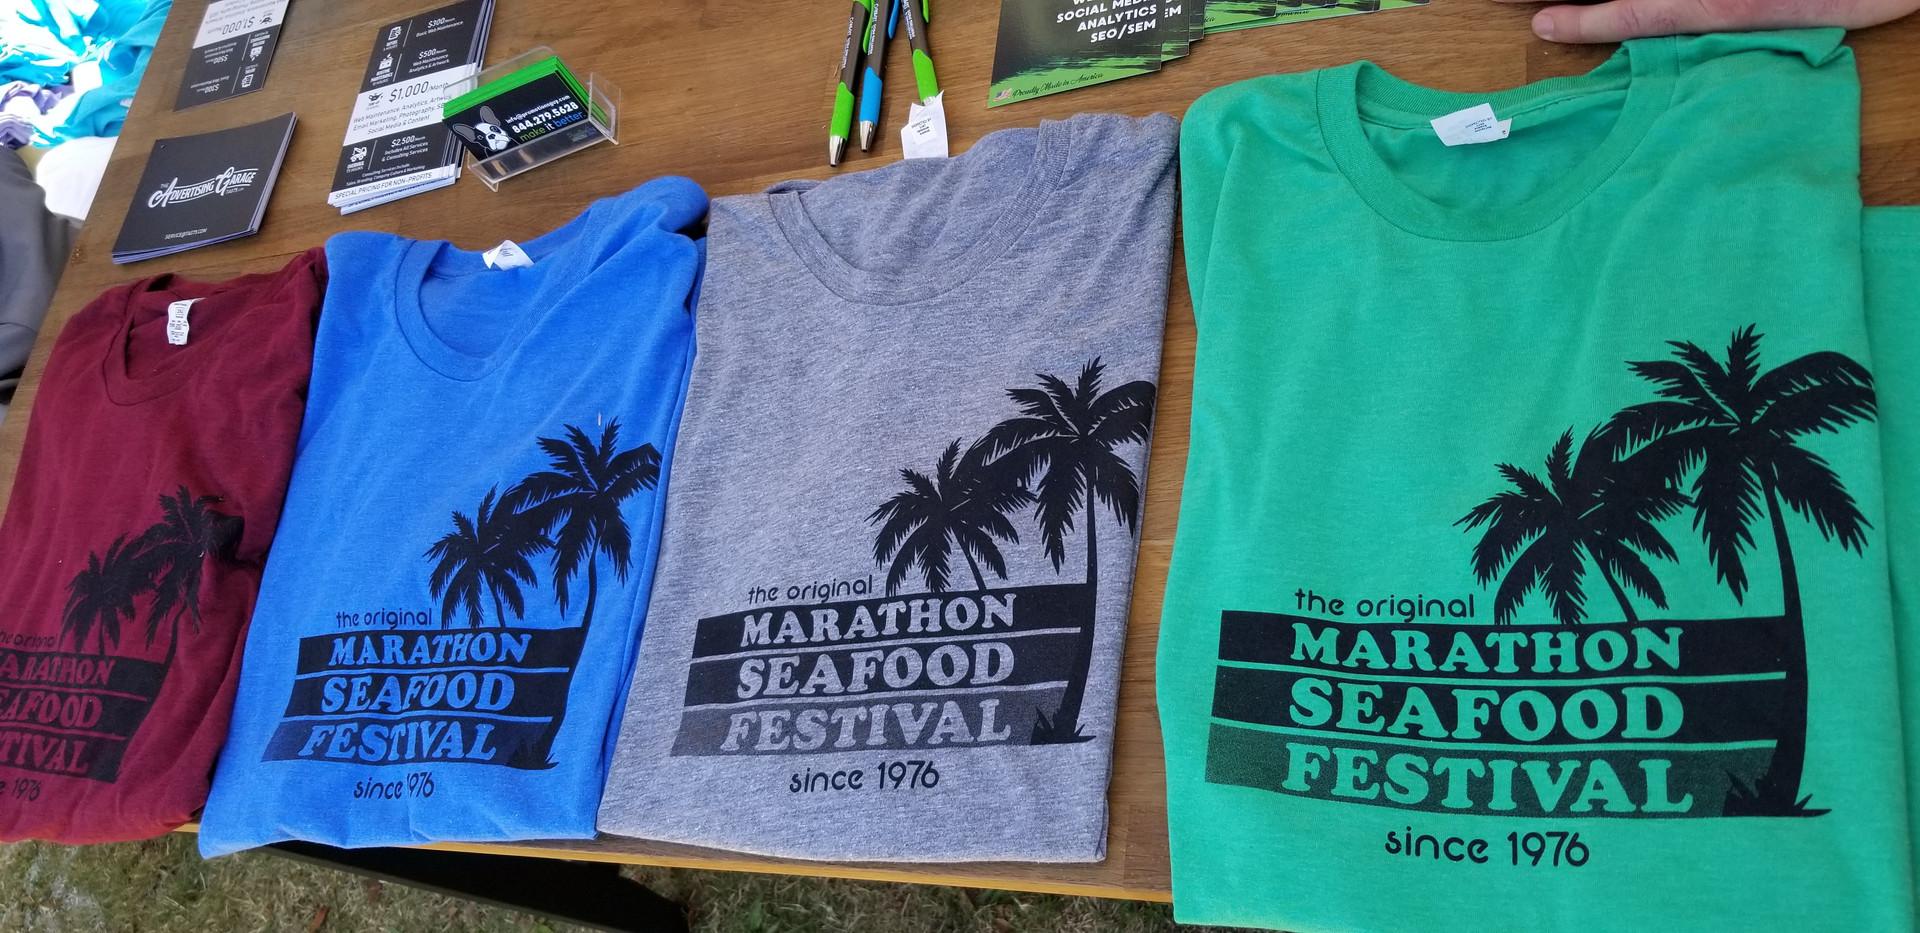 Marathon Seafood Festival 2019